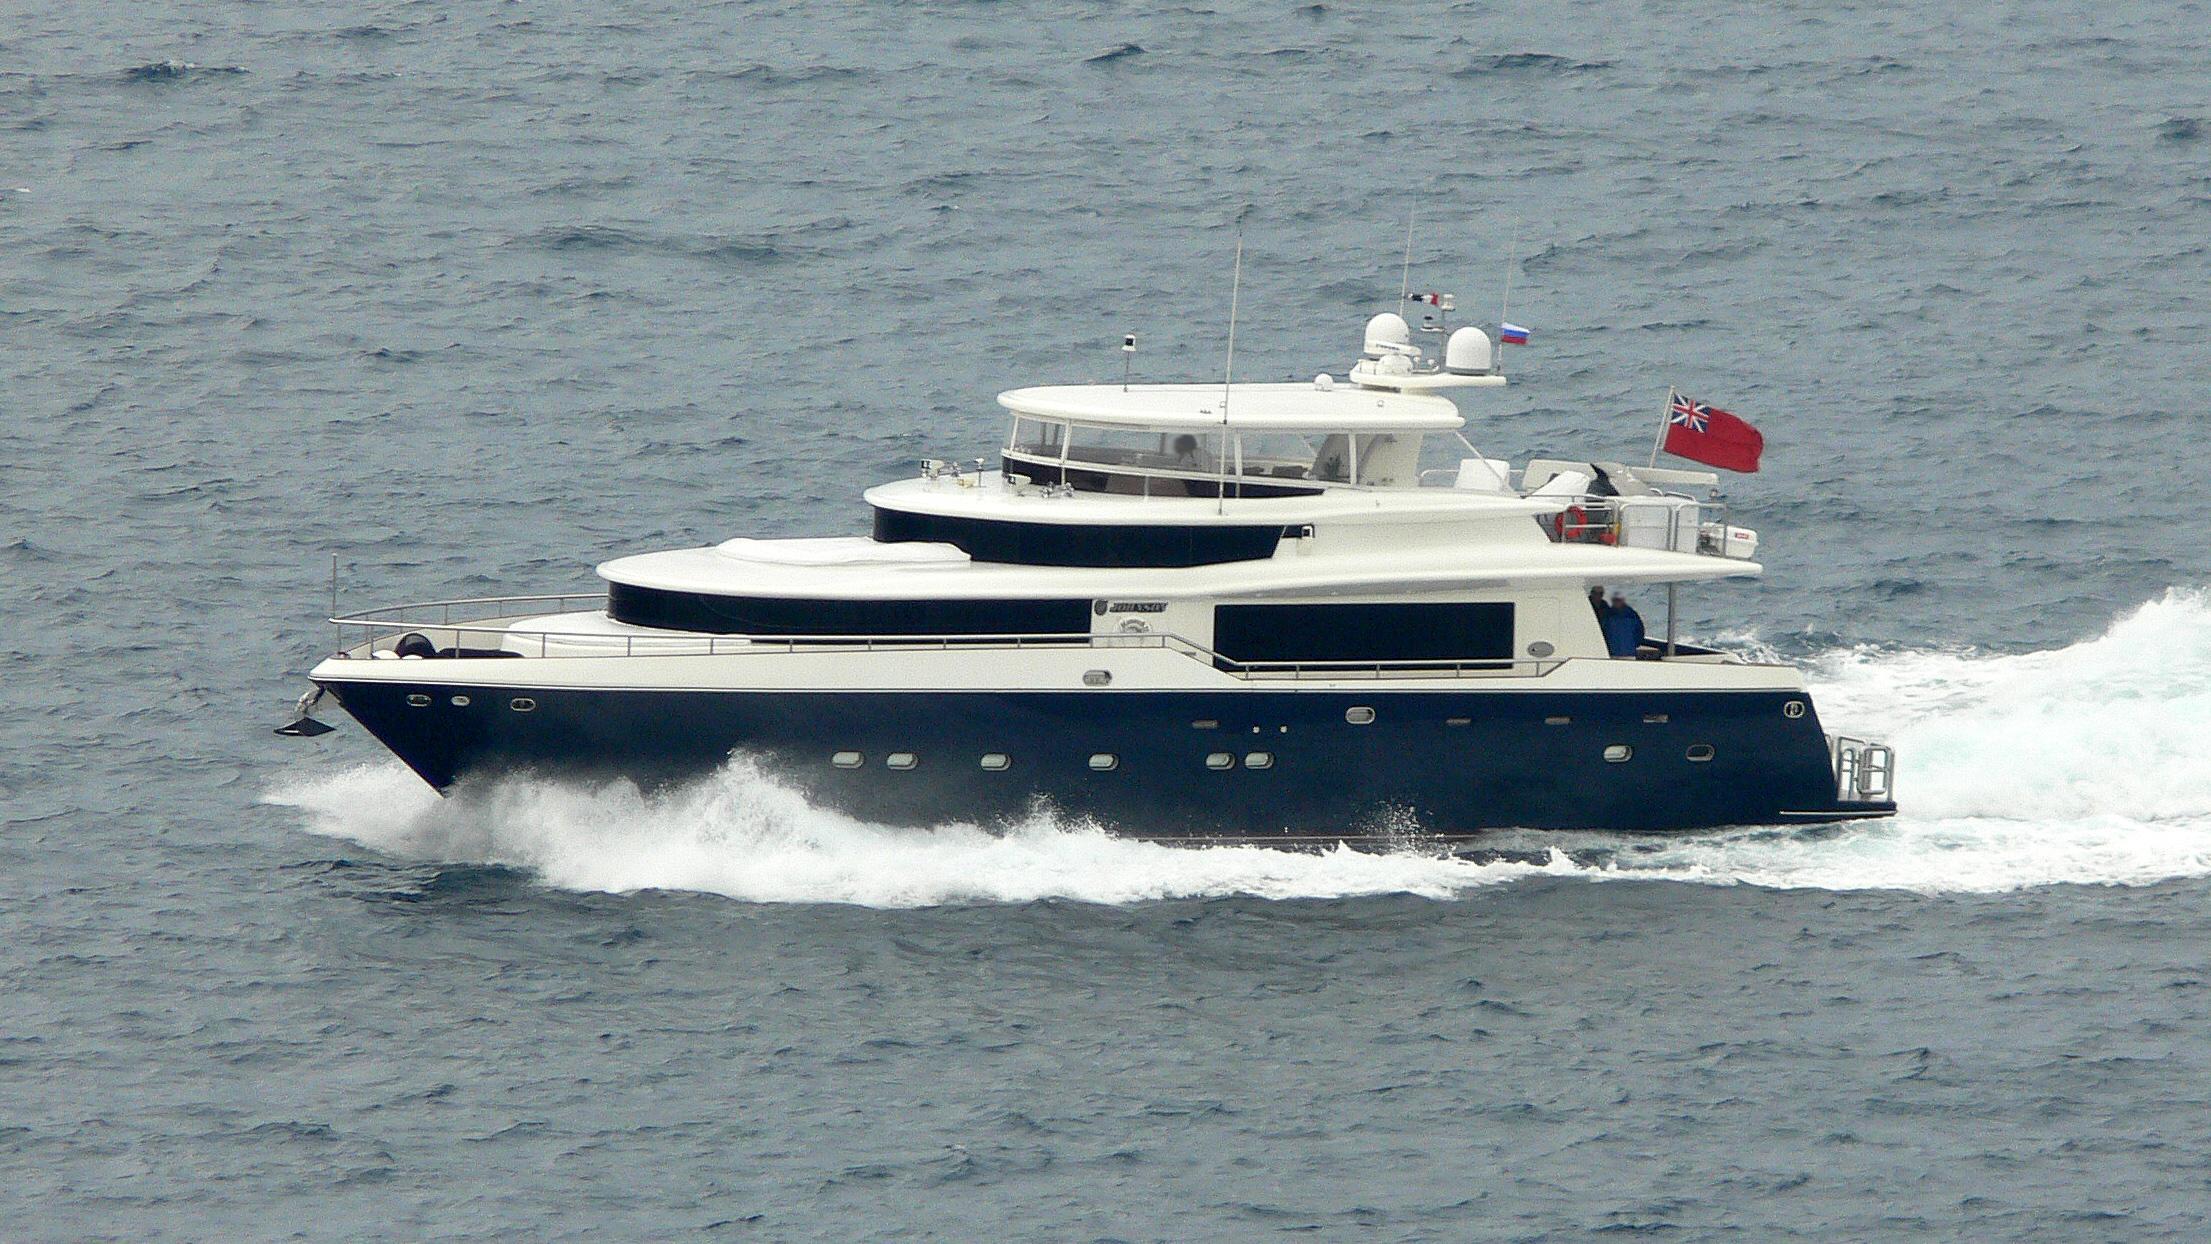 sapphire-motor-yacht-johnson-87-2003-27m-cruising